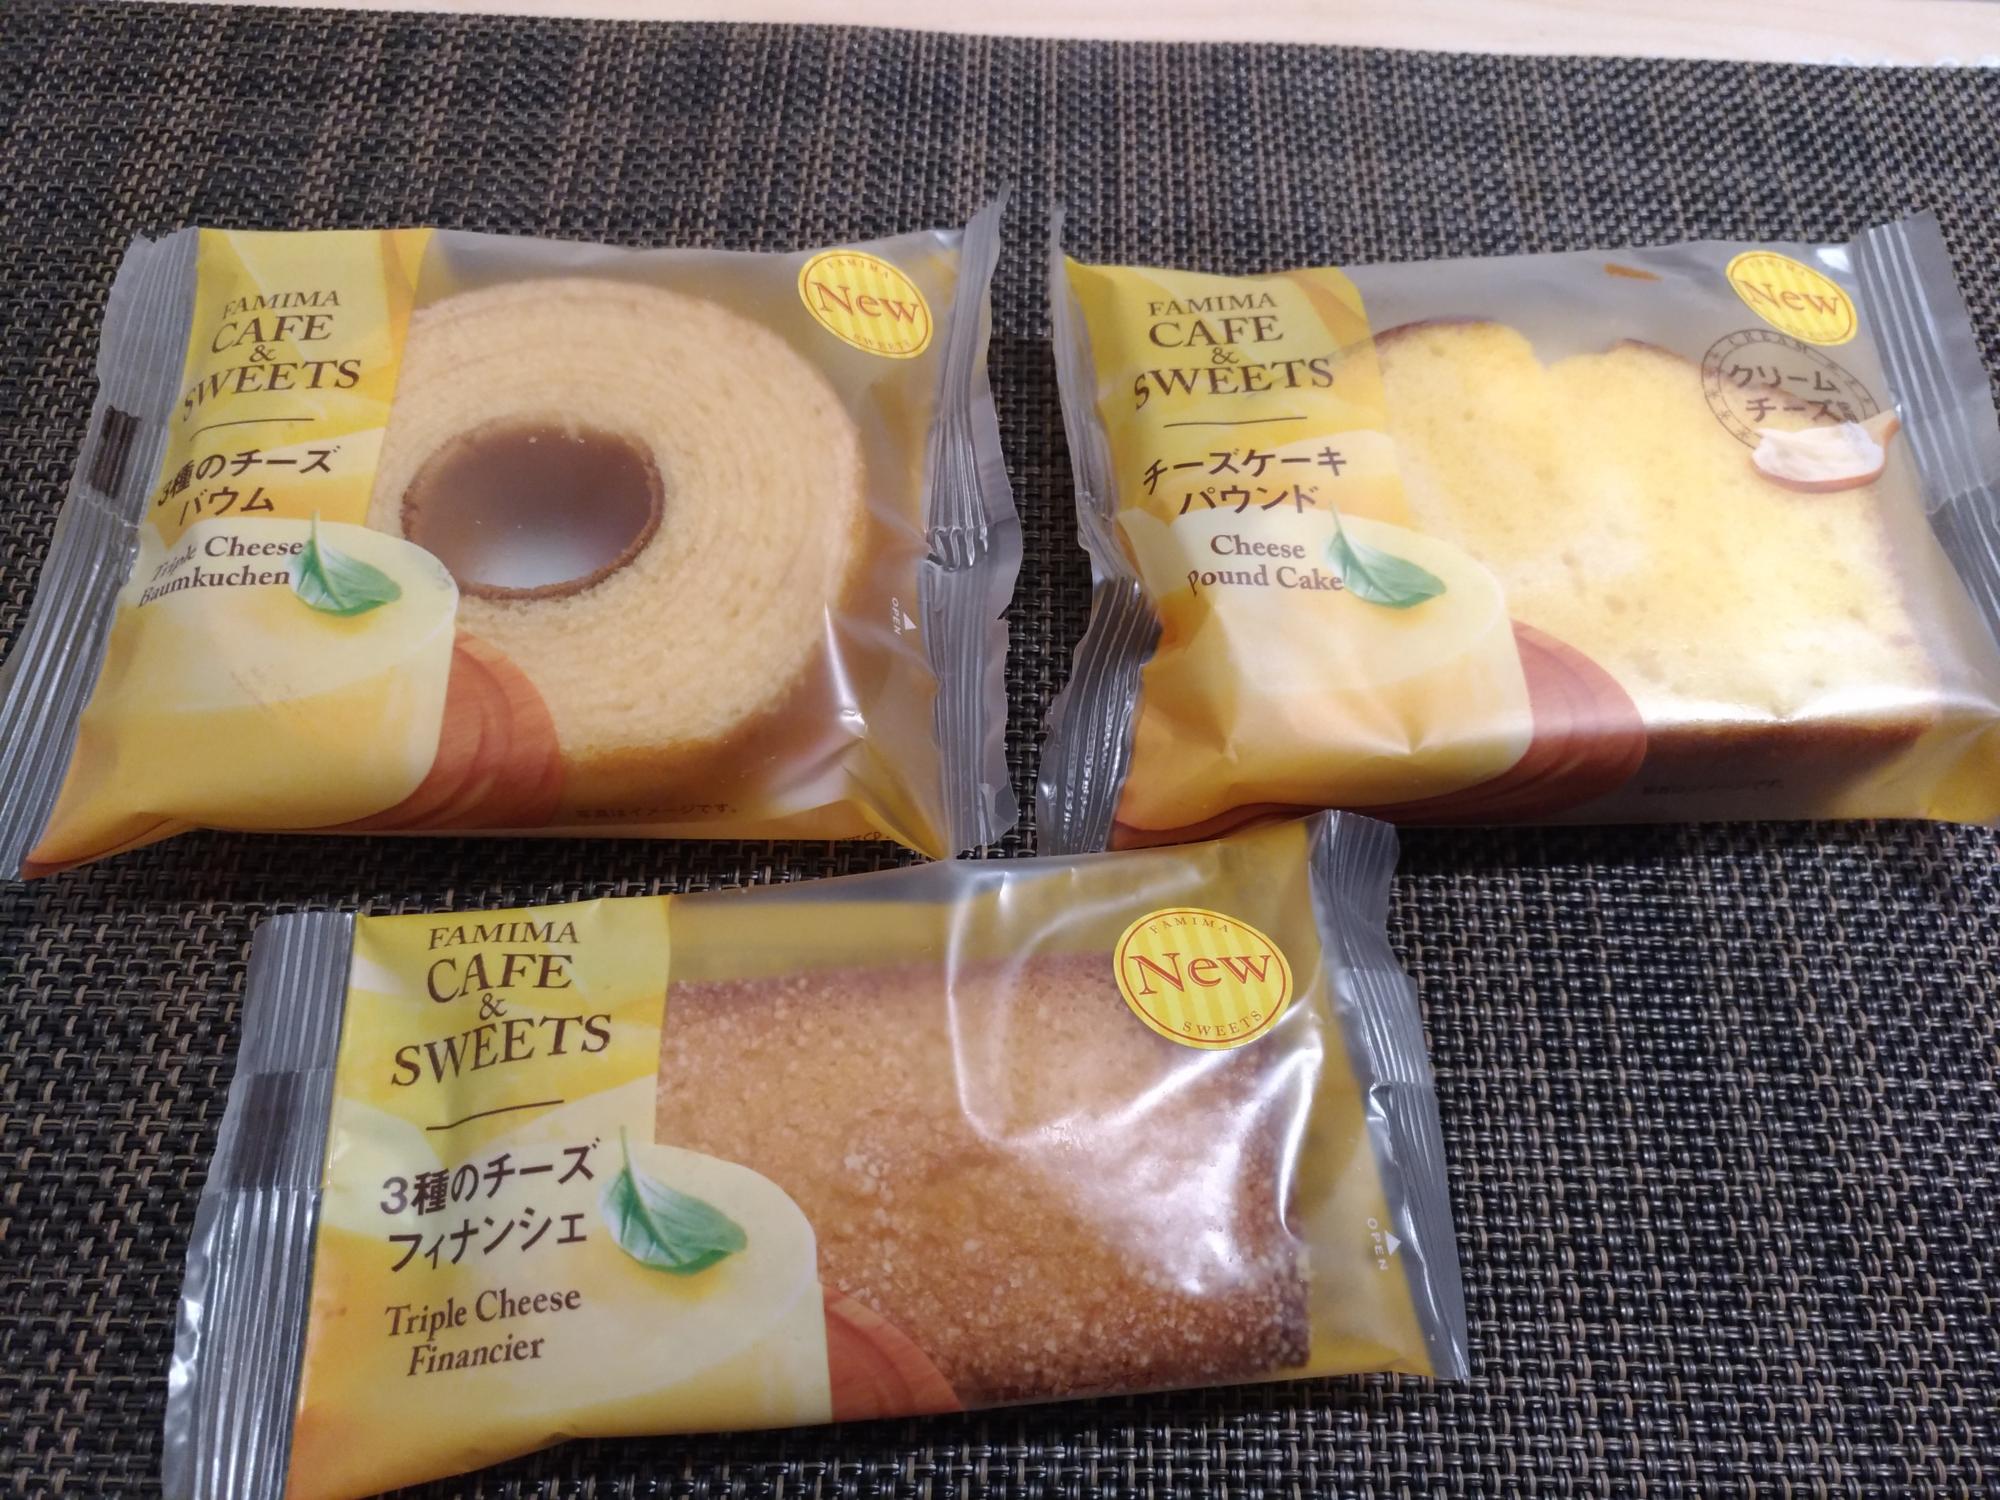 ファミマ チーズの焼き菓子